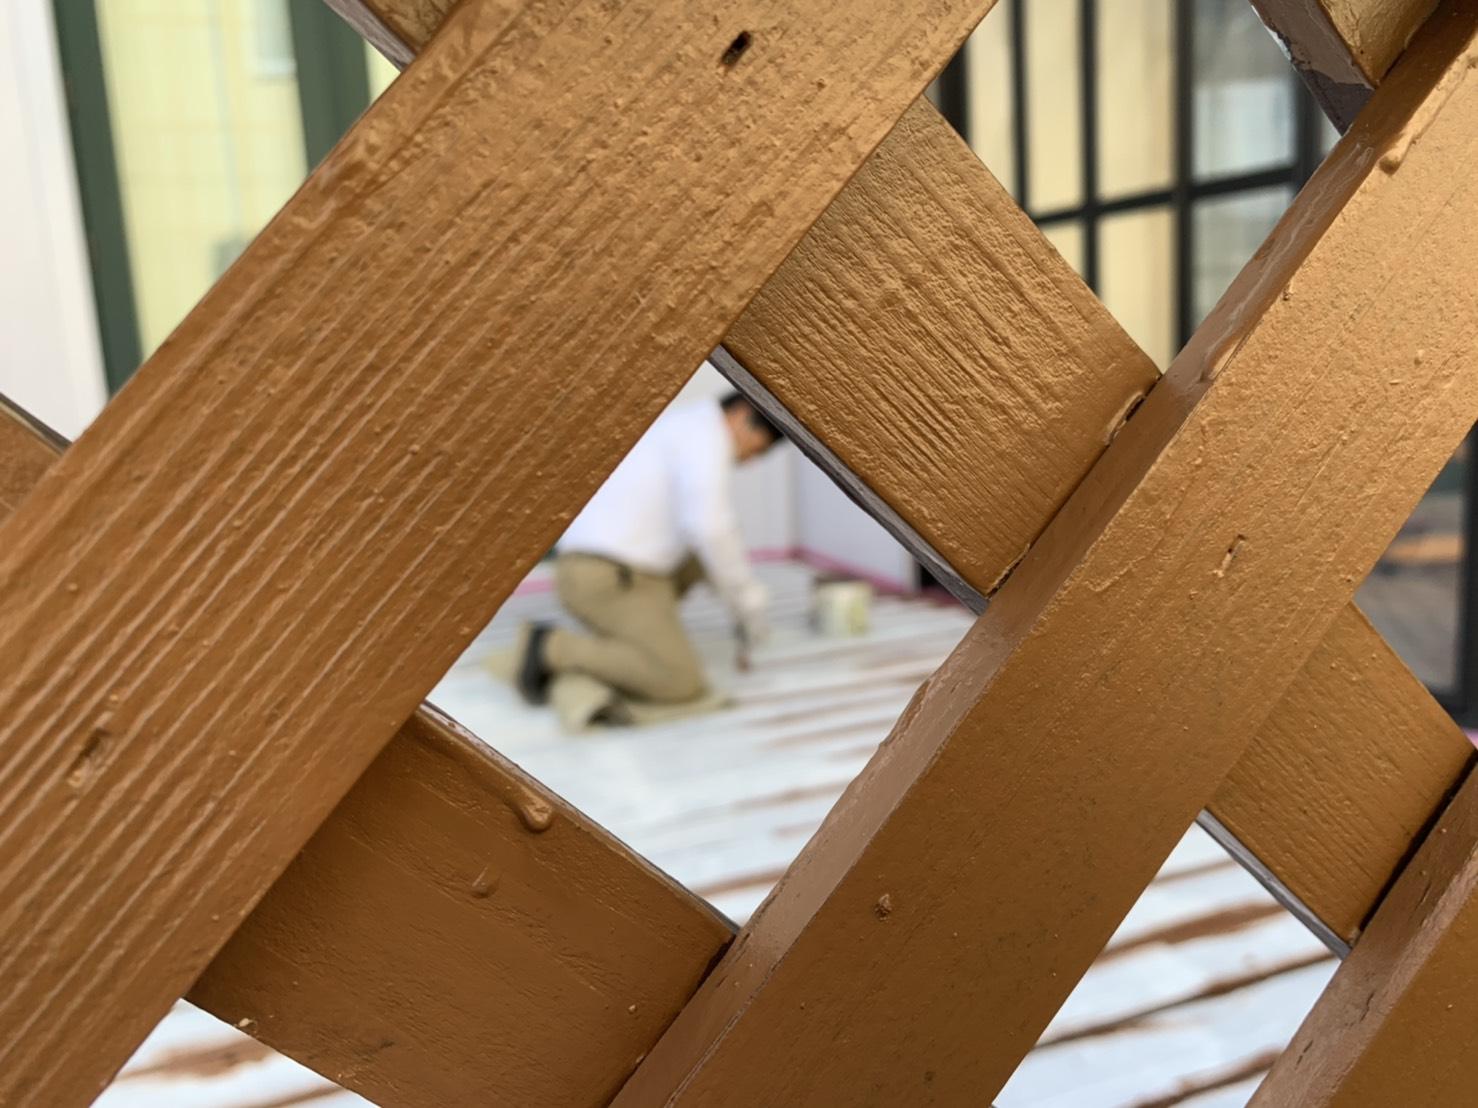 【八戸】ウッドデッキ② 外壁塗装|屋根塗装|塗装業者|塗装屋|塗装会社